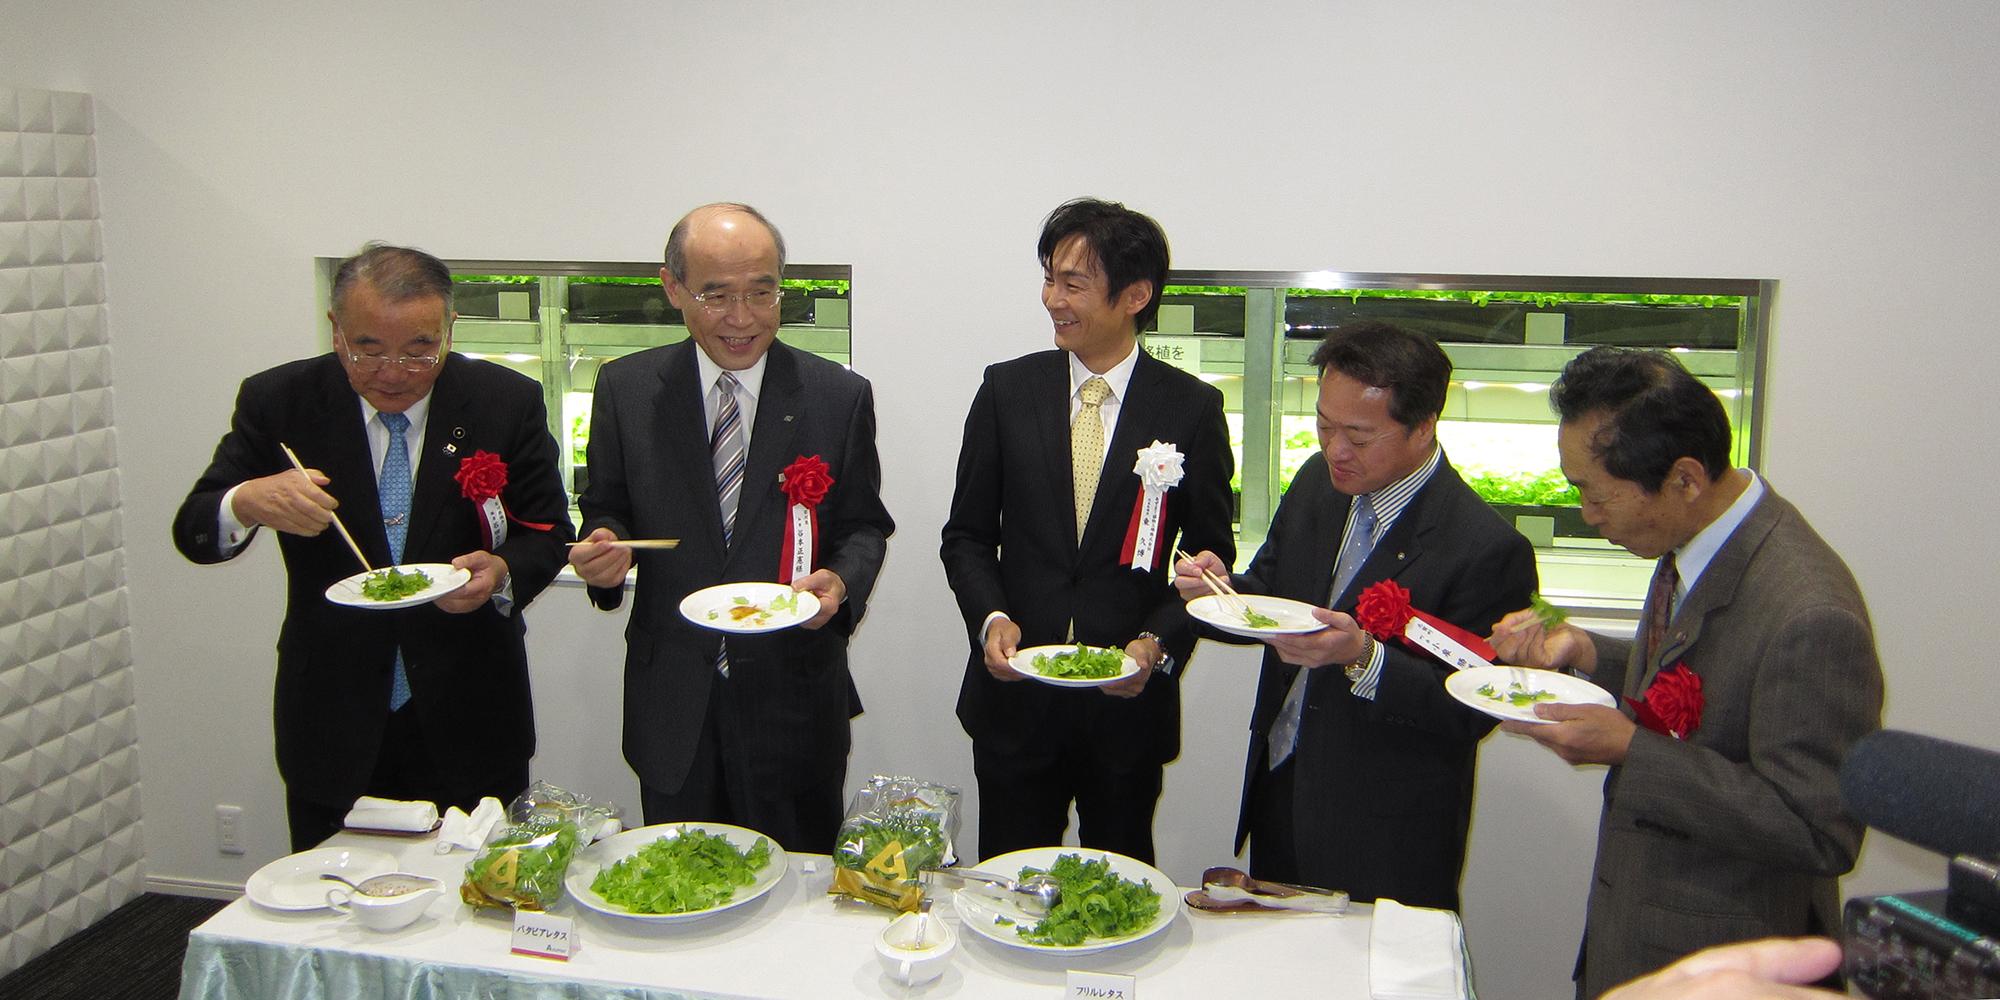 試食を楽しむ谷本知事や小泉町長ら